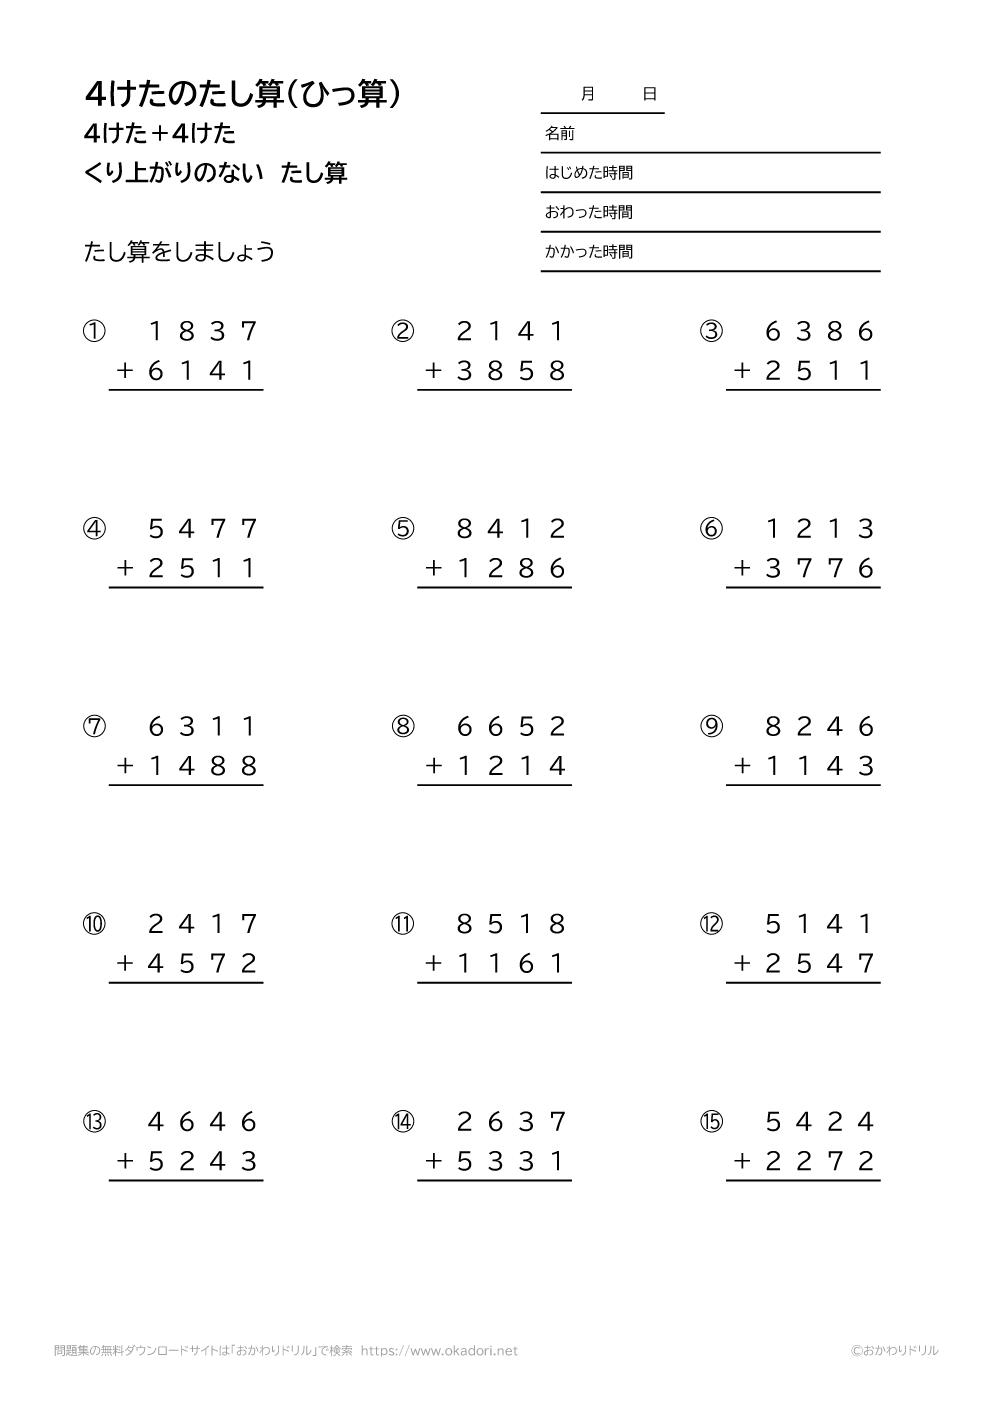 4桁+4桁の繰り上がりの無い足し算の筆算2